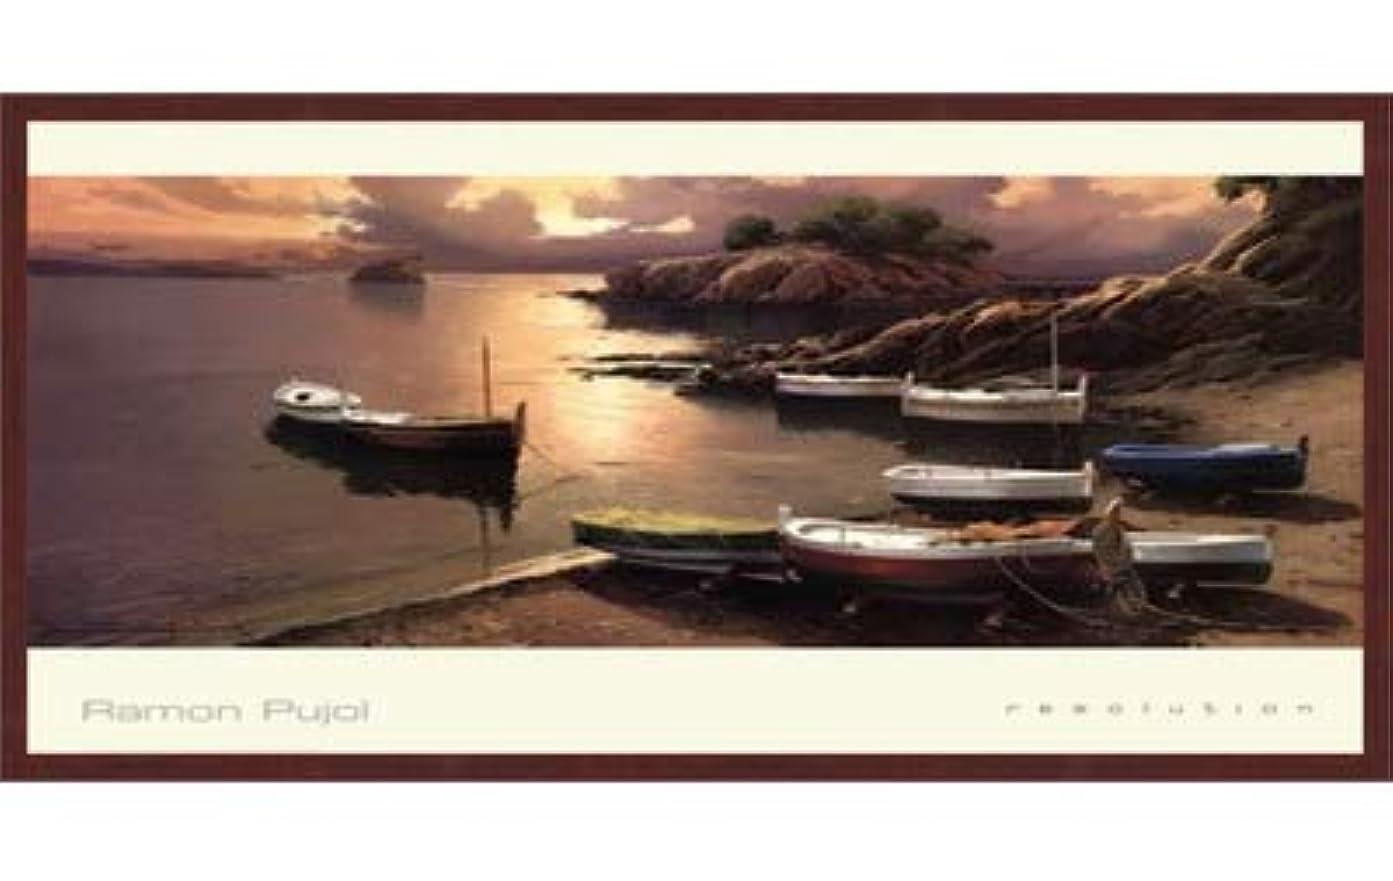 供給磨かれたネックレット解像度by Ramon Pujol – 38 x 24インチ – アートプリントポスター LE_72469-F10483-38x24